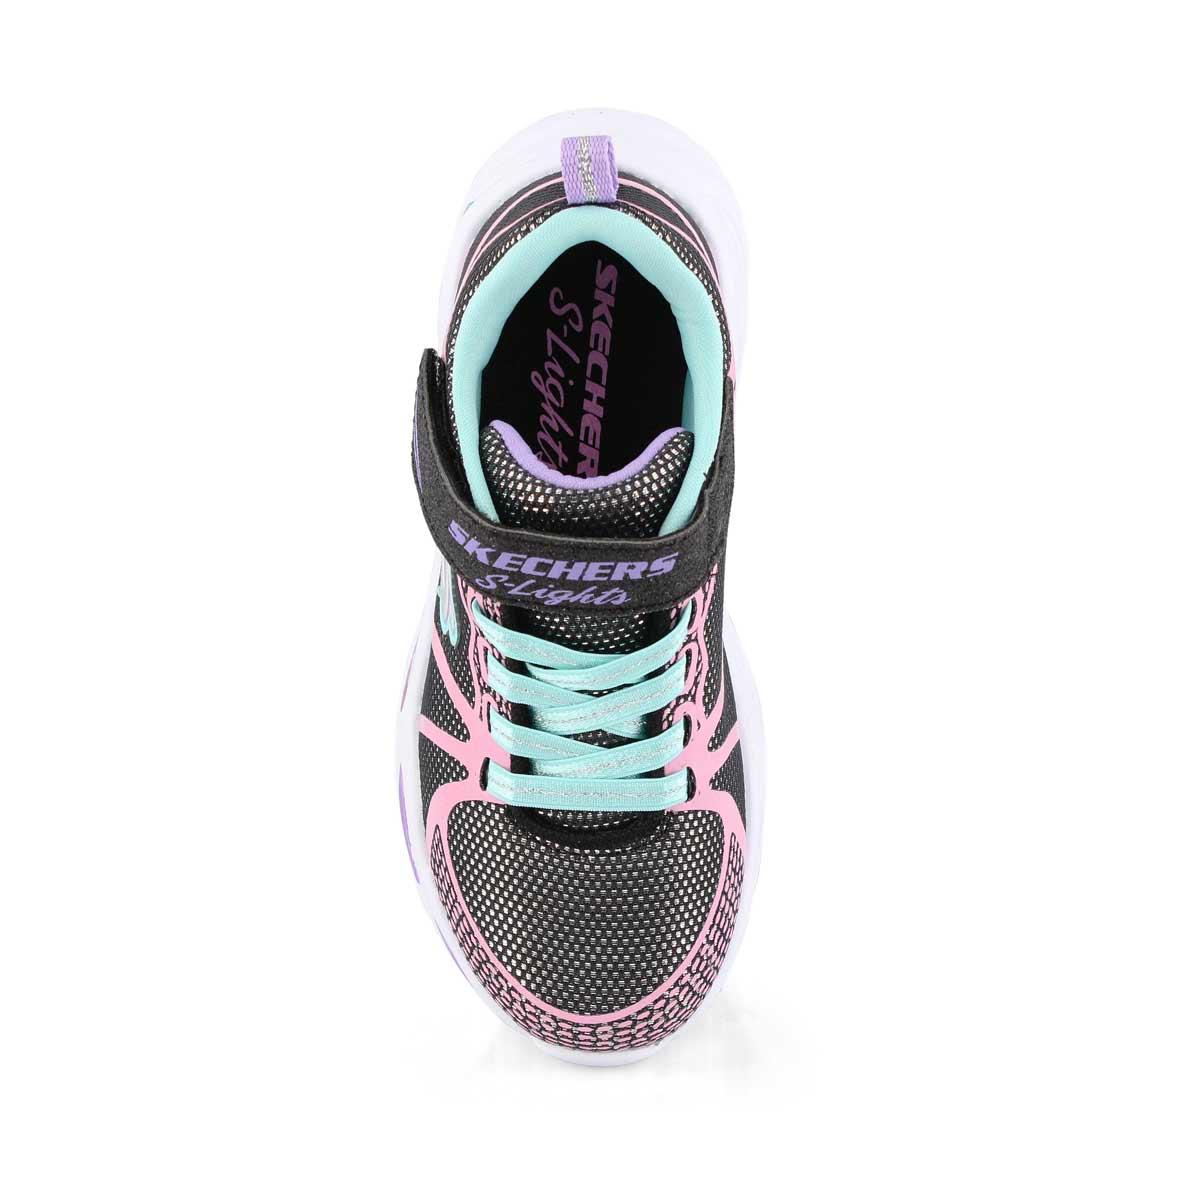 Grls Shimmer Beams blk/mlti sneaker